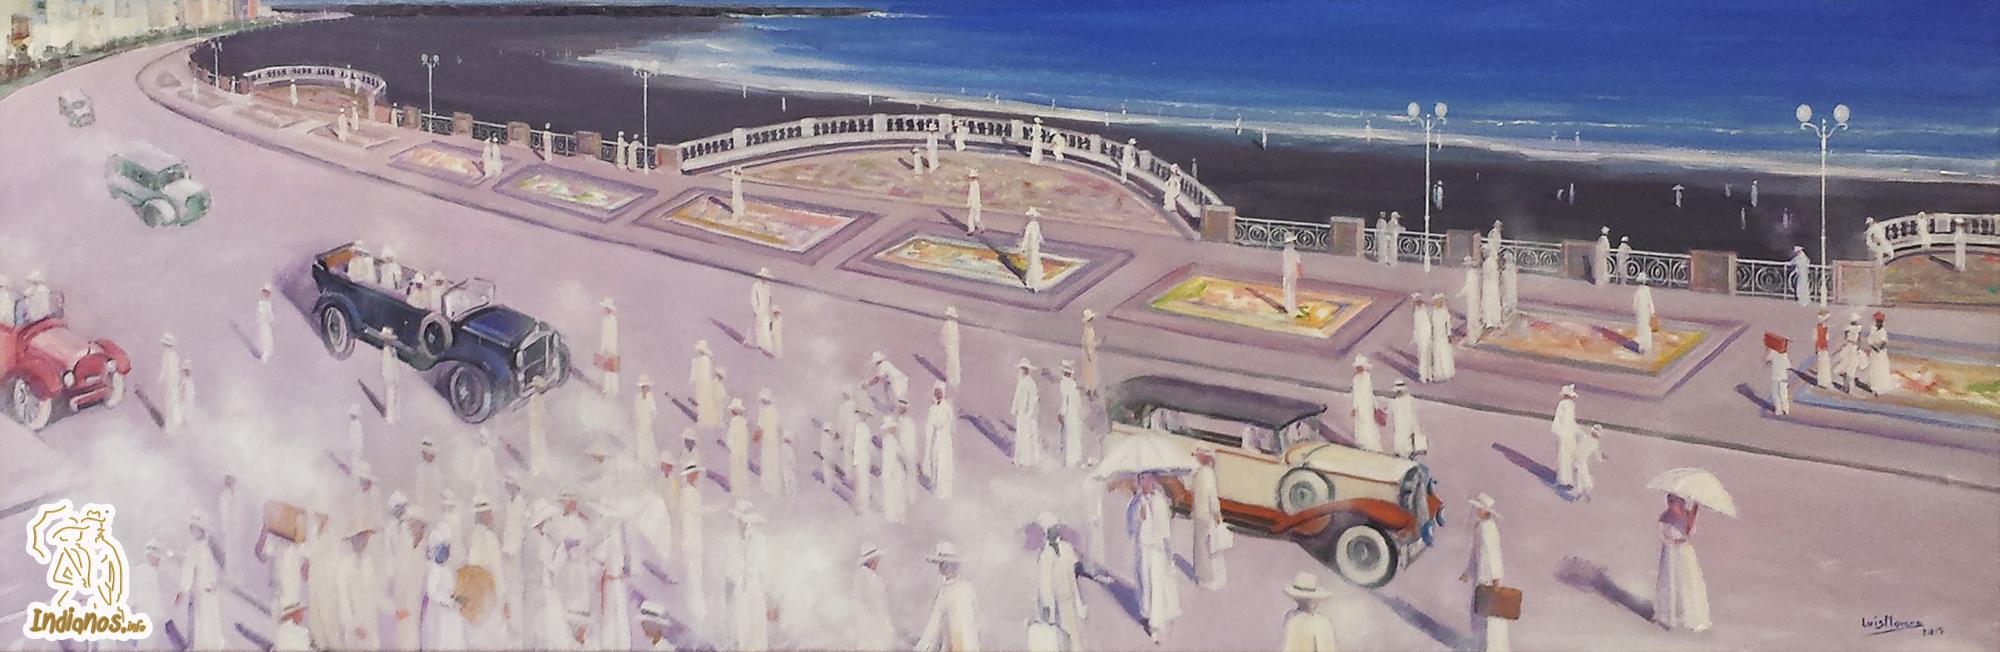 'Los Indianos' de Luis Morera inundan su particular visión de la nueva Avenida Marítima y Playa de Santa Cruz de La Palma.